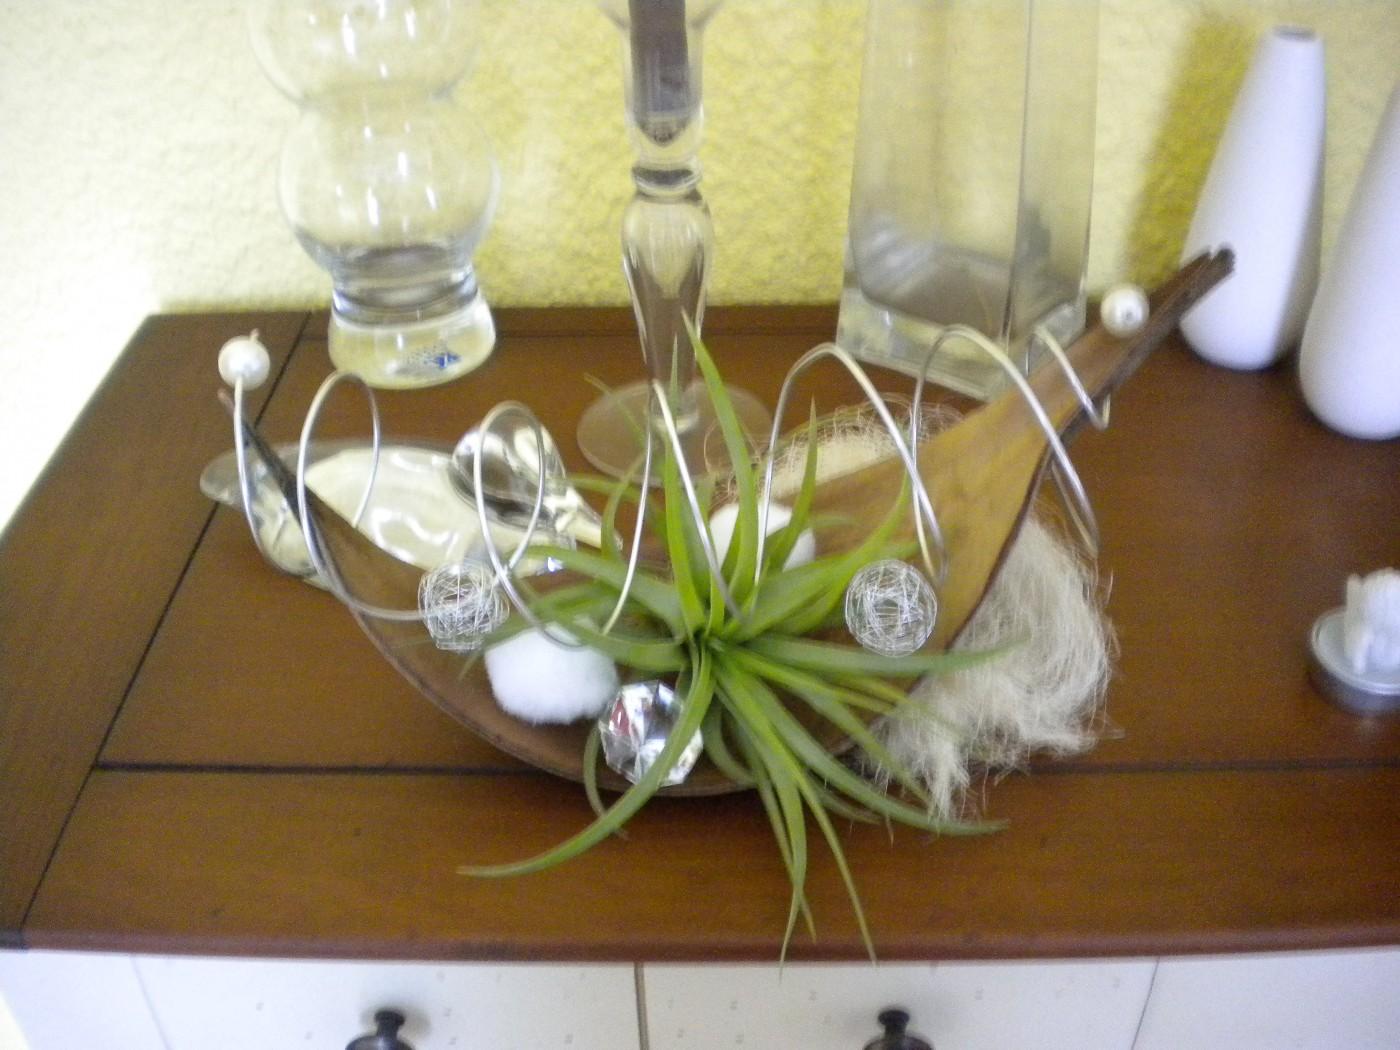 Des id es d co pour les tables de f tes r alis es par for Petit objet de decoration